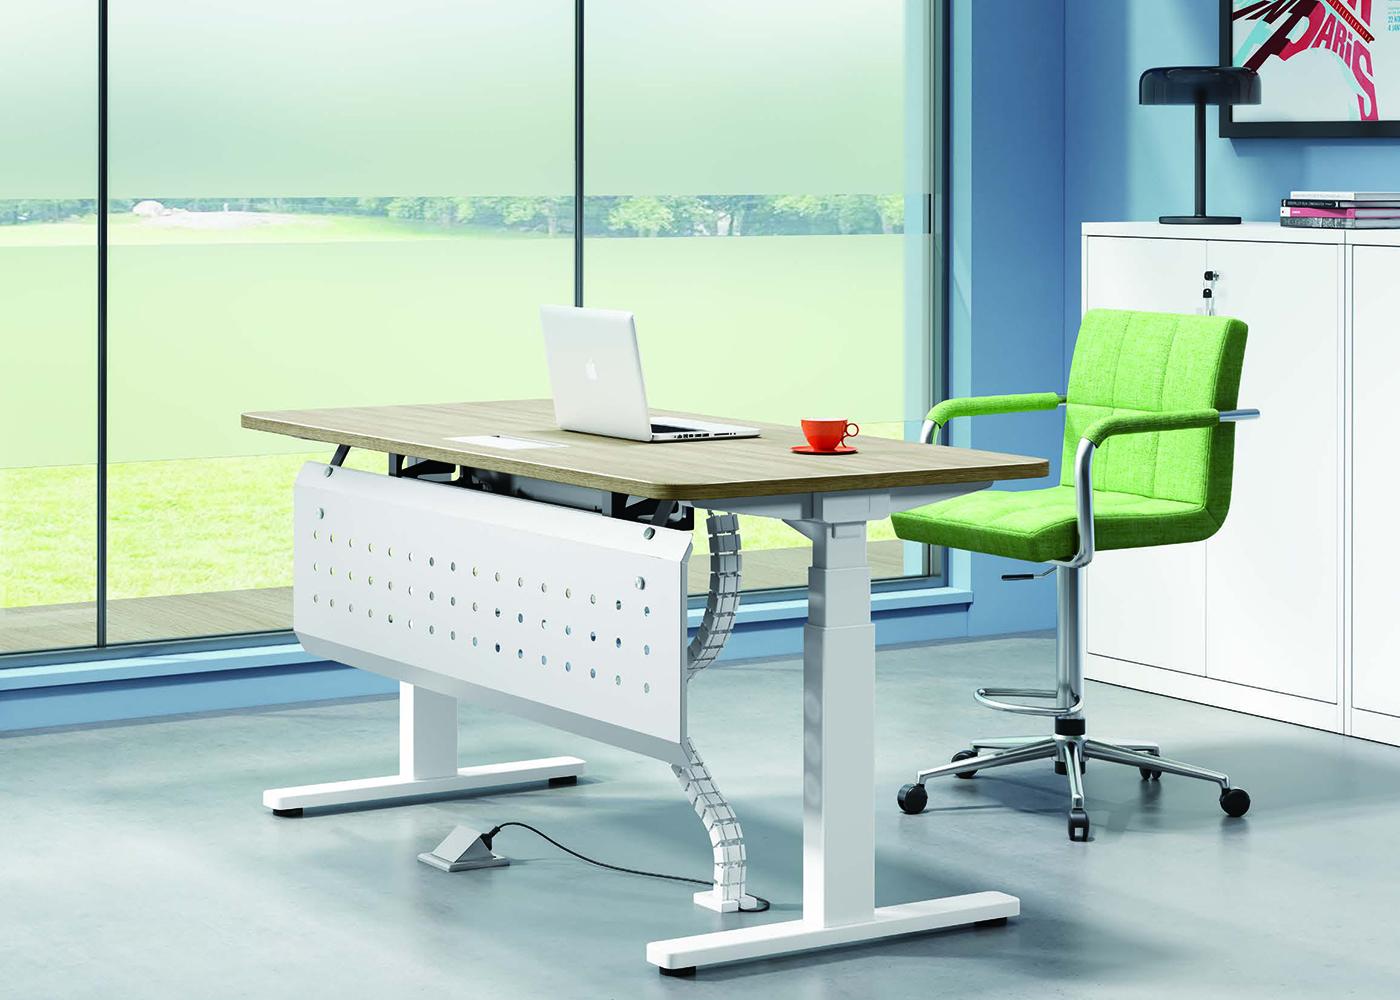 米克智能升降桌A11,上海智能升降桌,【尺寸 价格 图片 品牌】